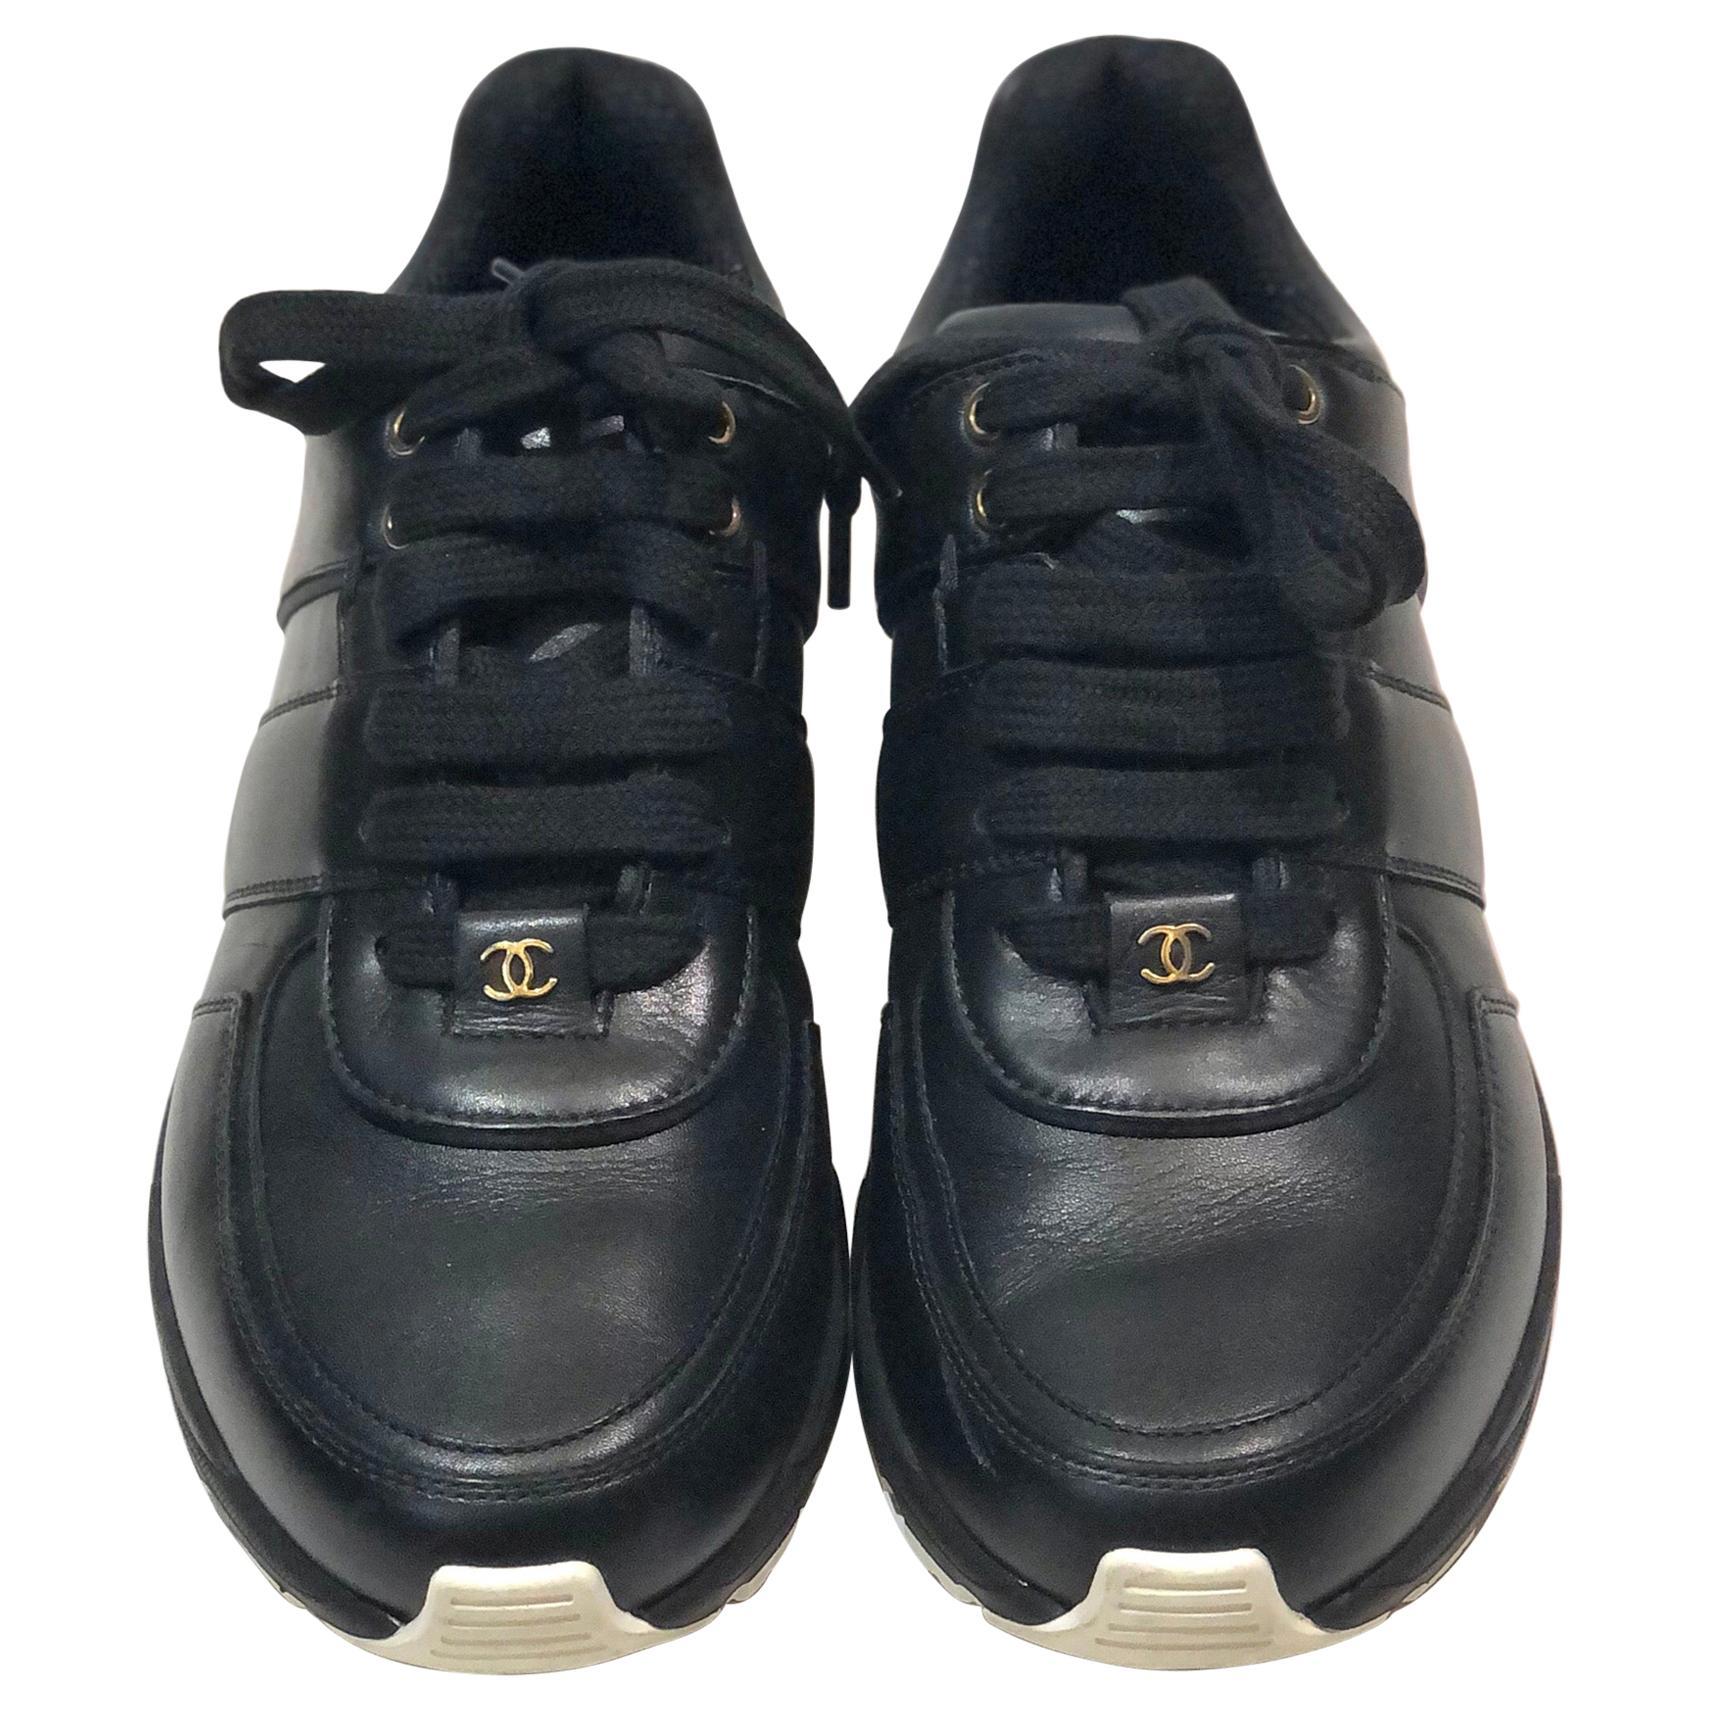 Chanel Black Lambskin Sneakers